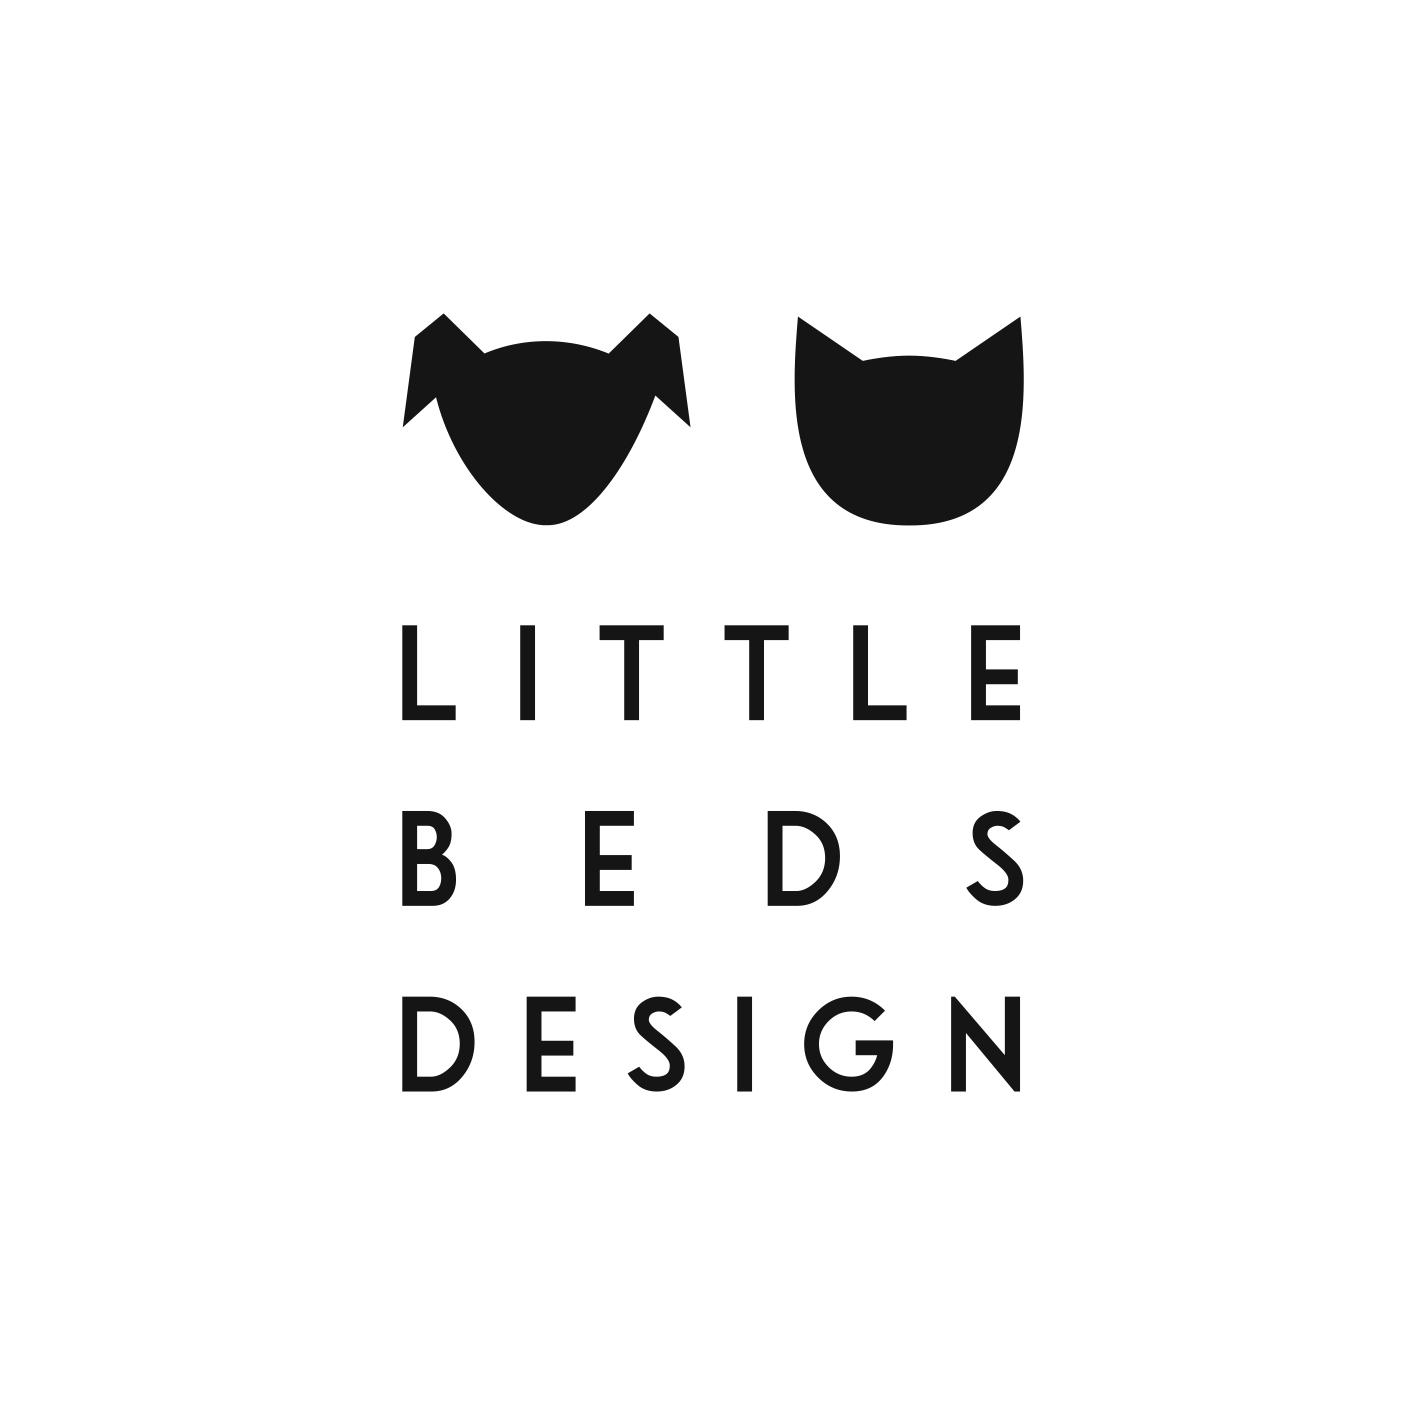 Little Beds Design